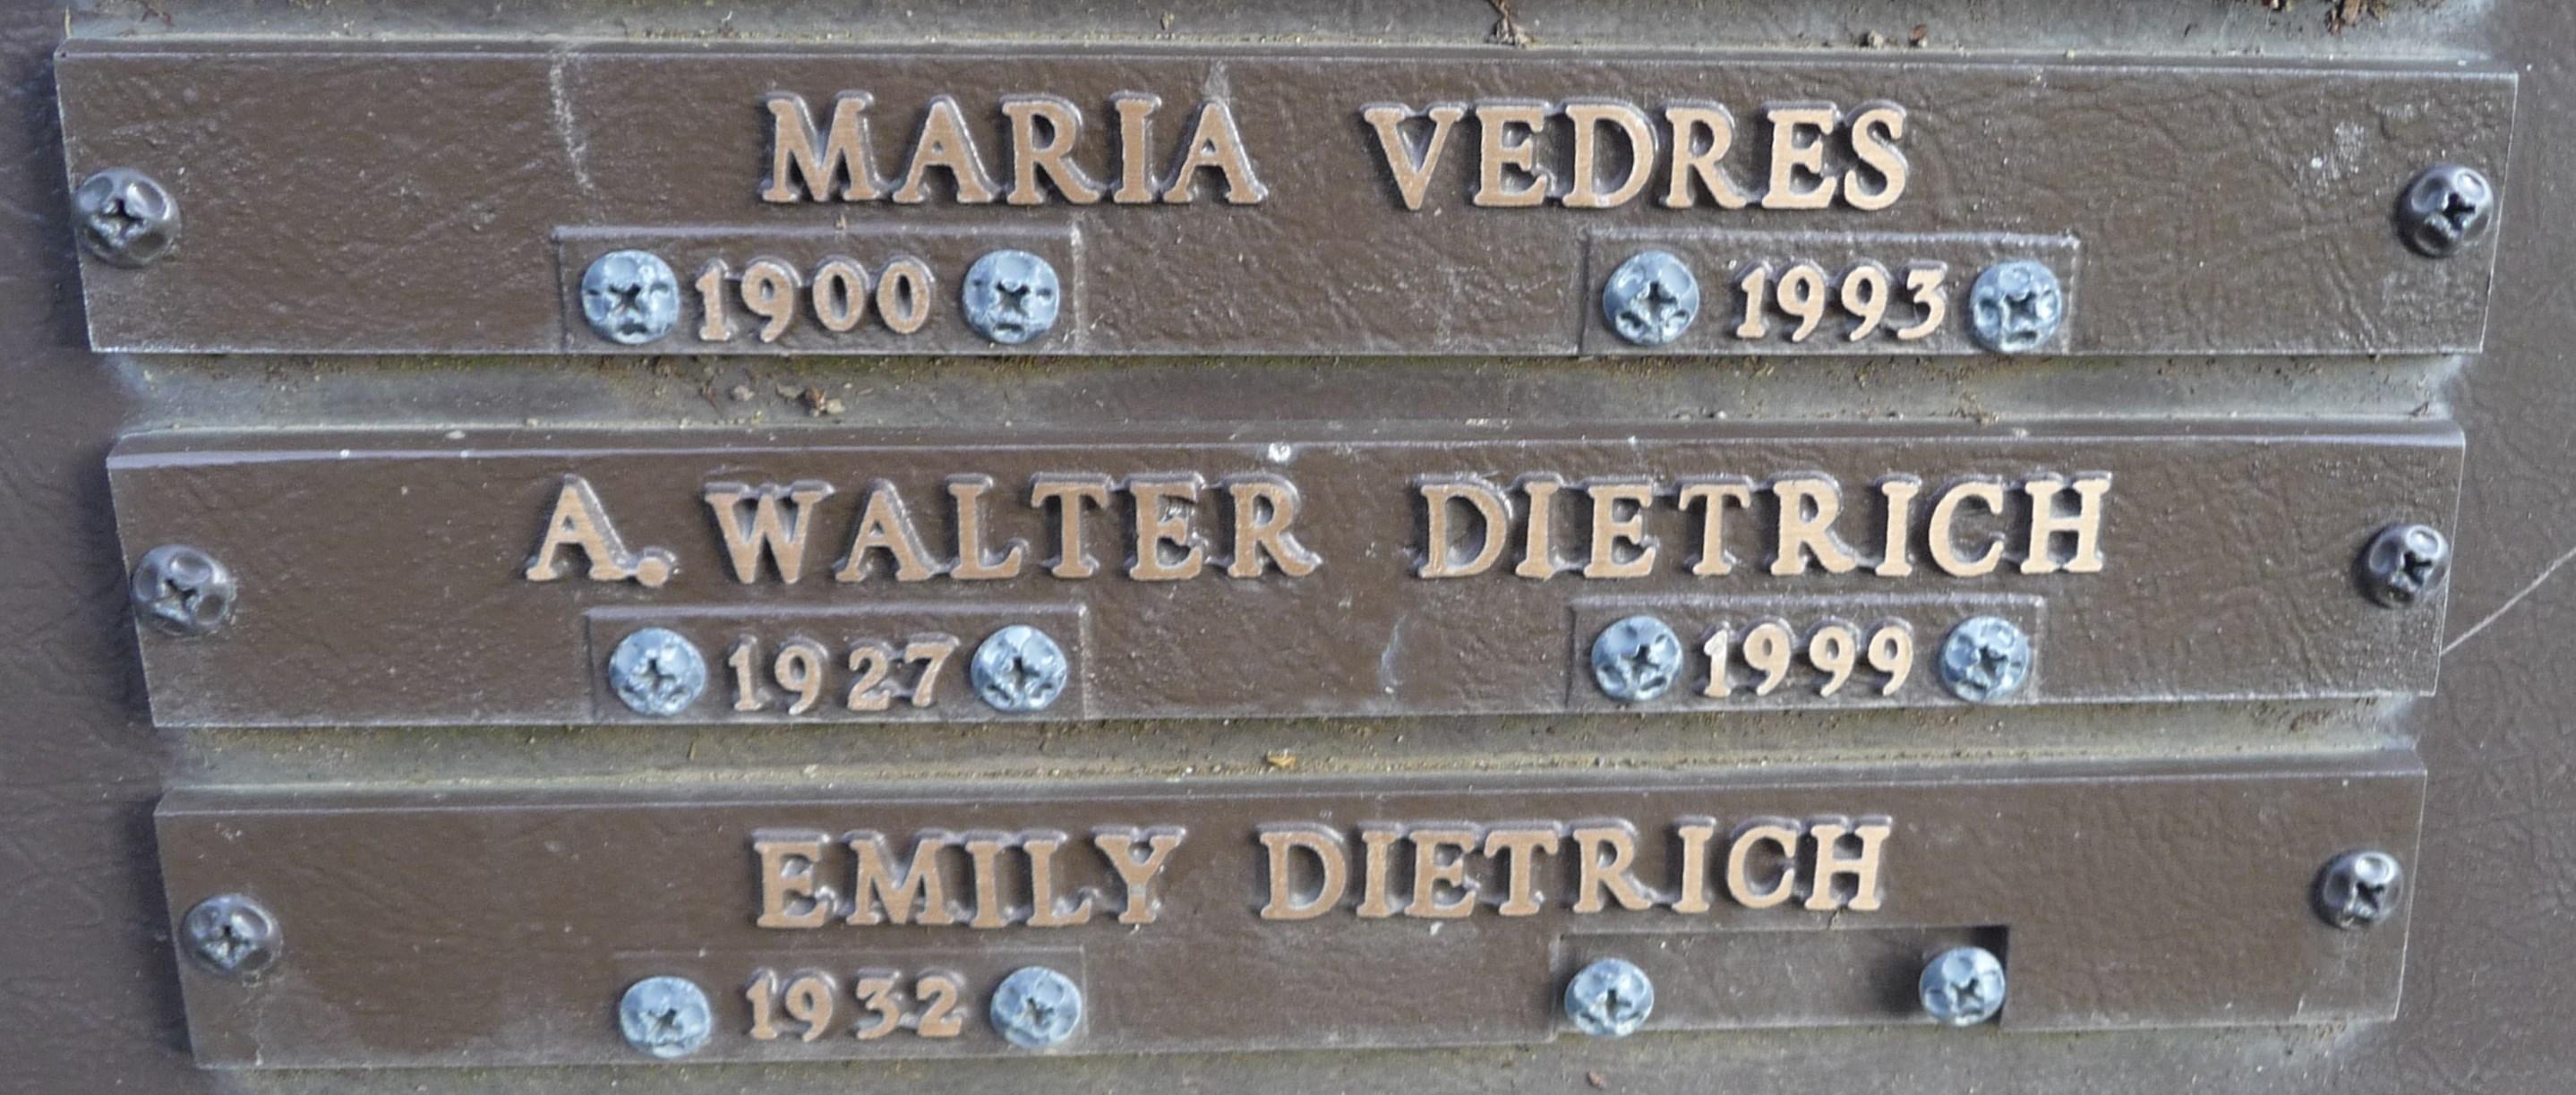 A Walter Dietrich